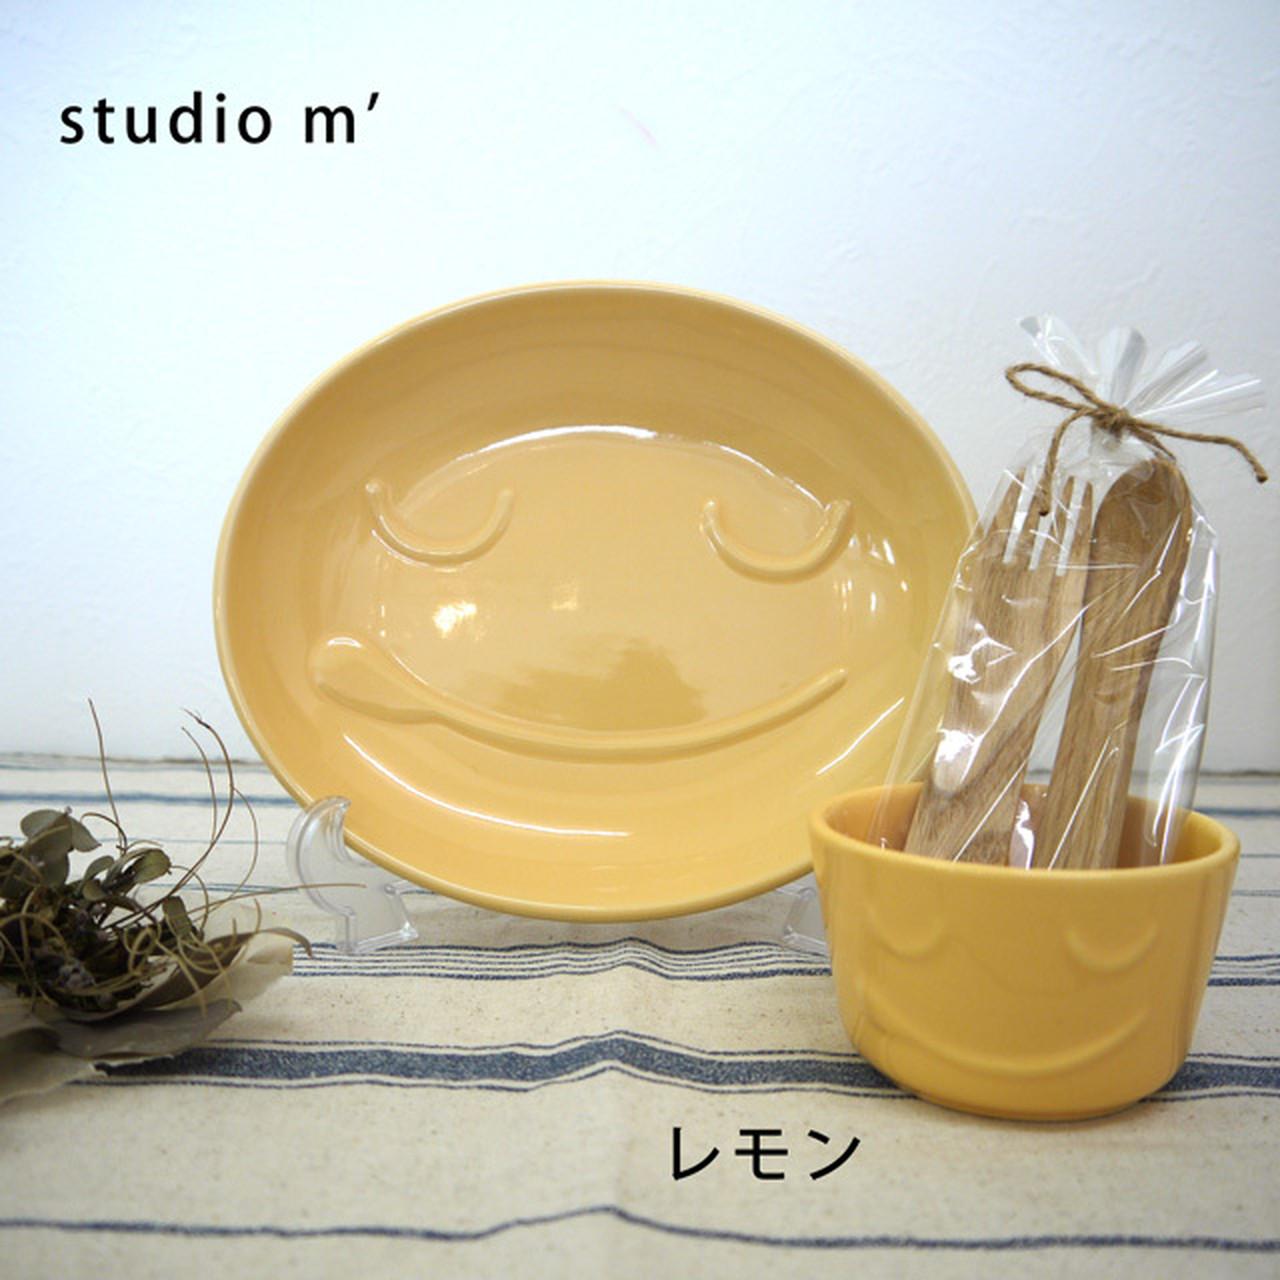 < スタジオエム>studiom' ヤンミー セット